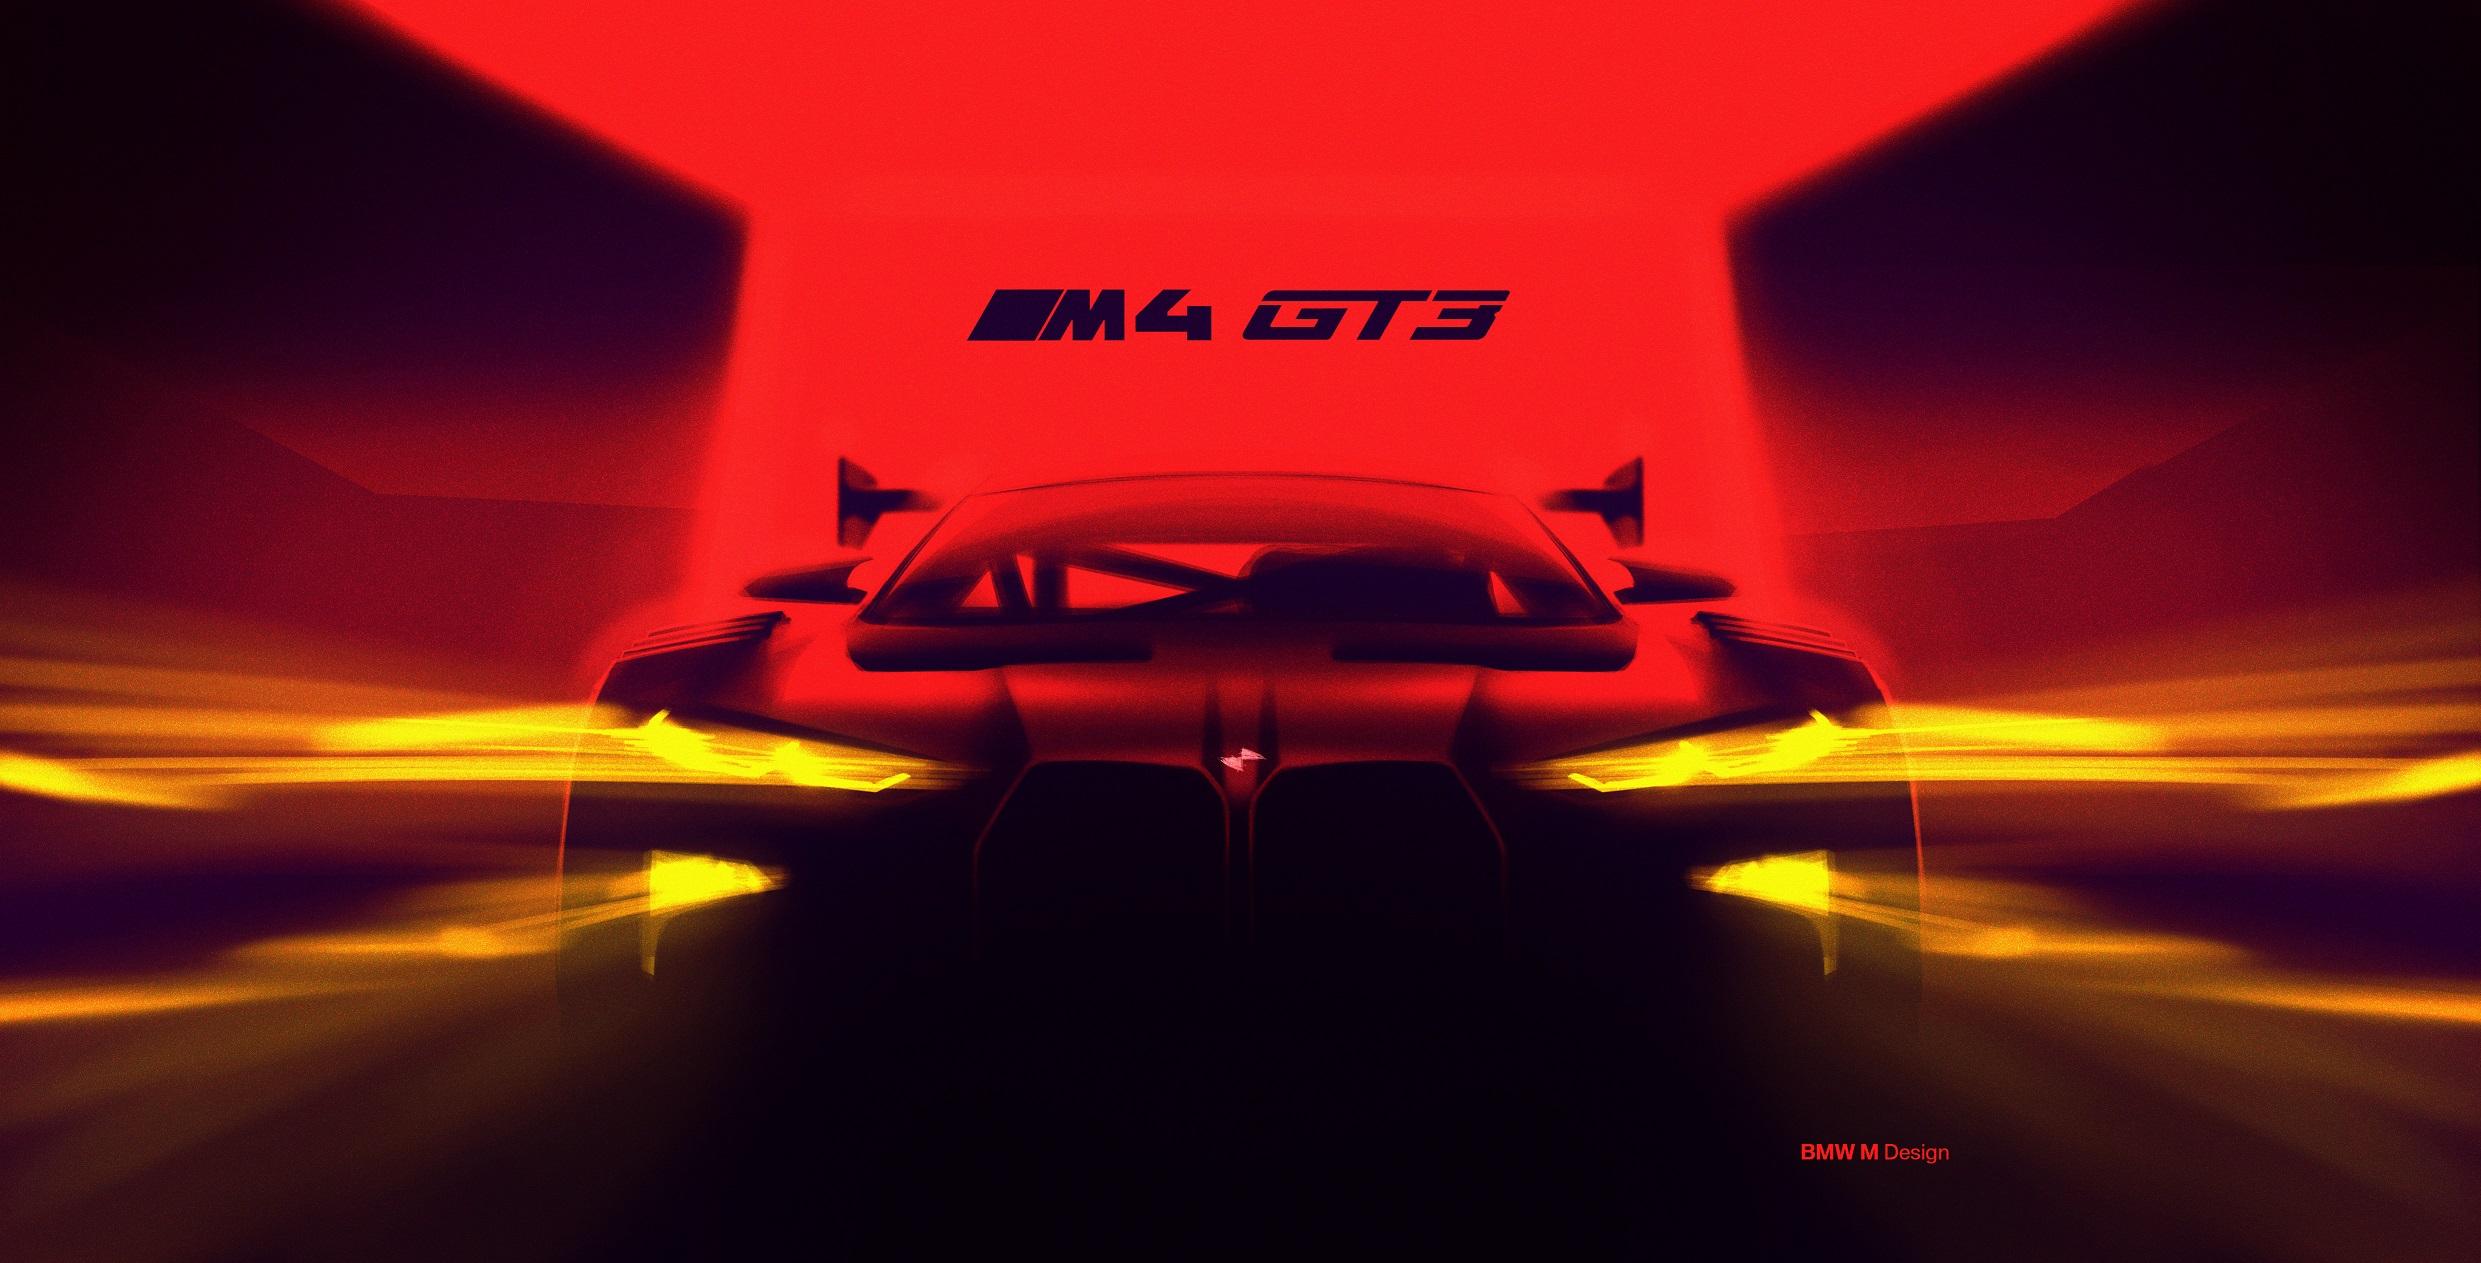 Modelul BMW M4 GT3 va fi noul avanpost în oferta pentru cursele de client